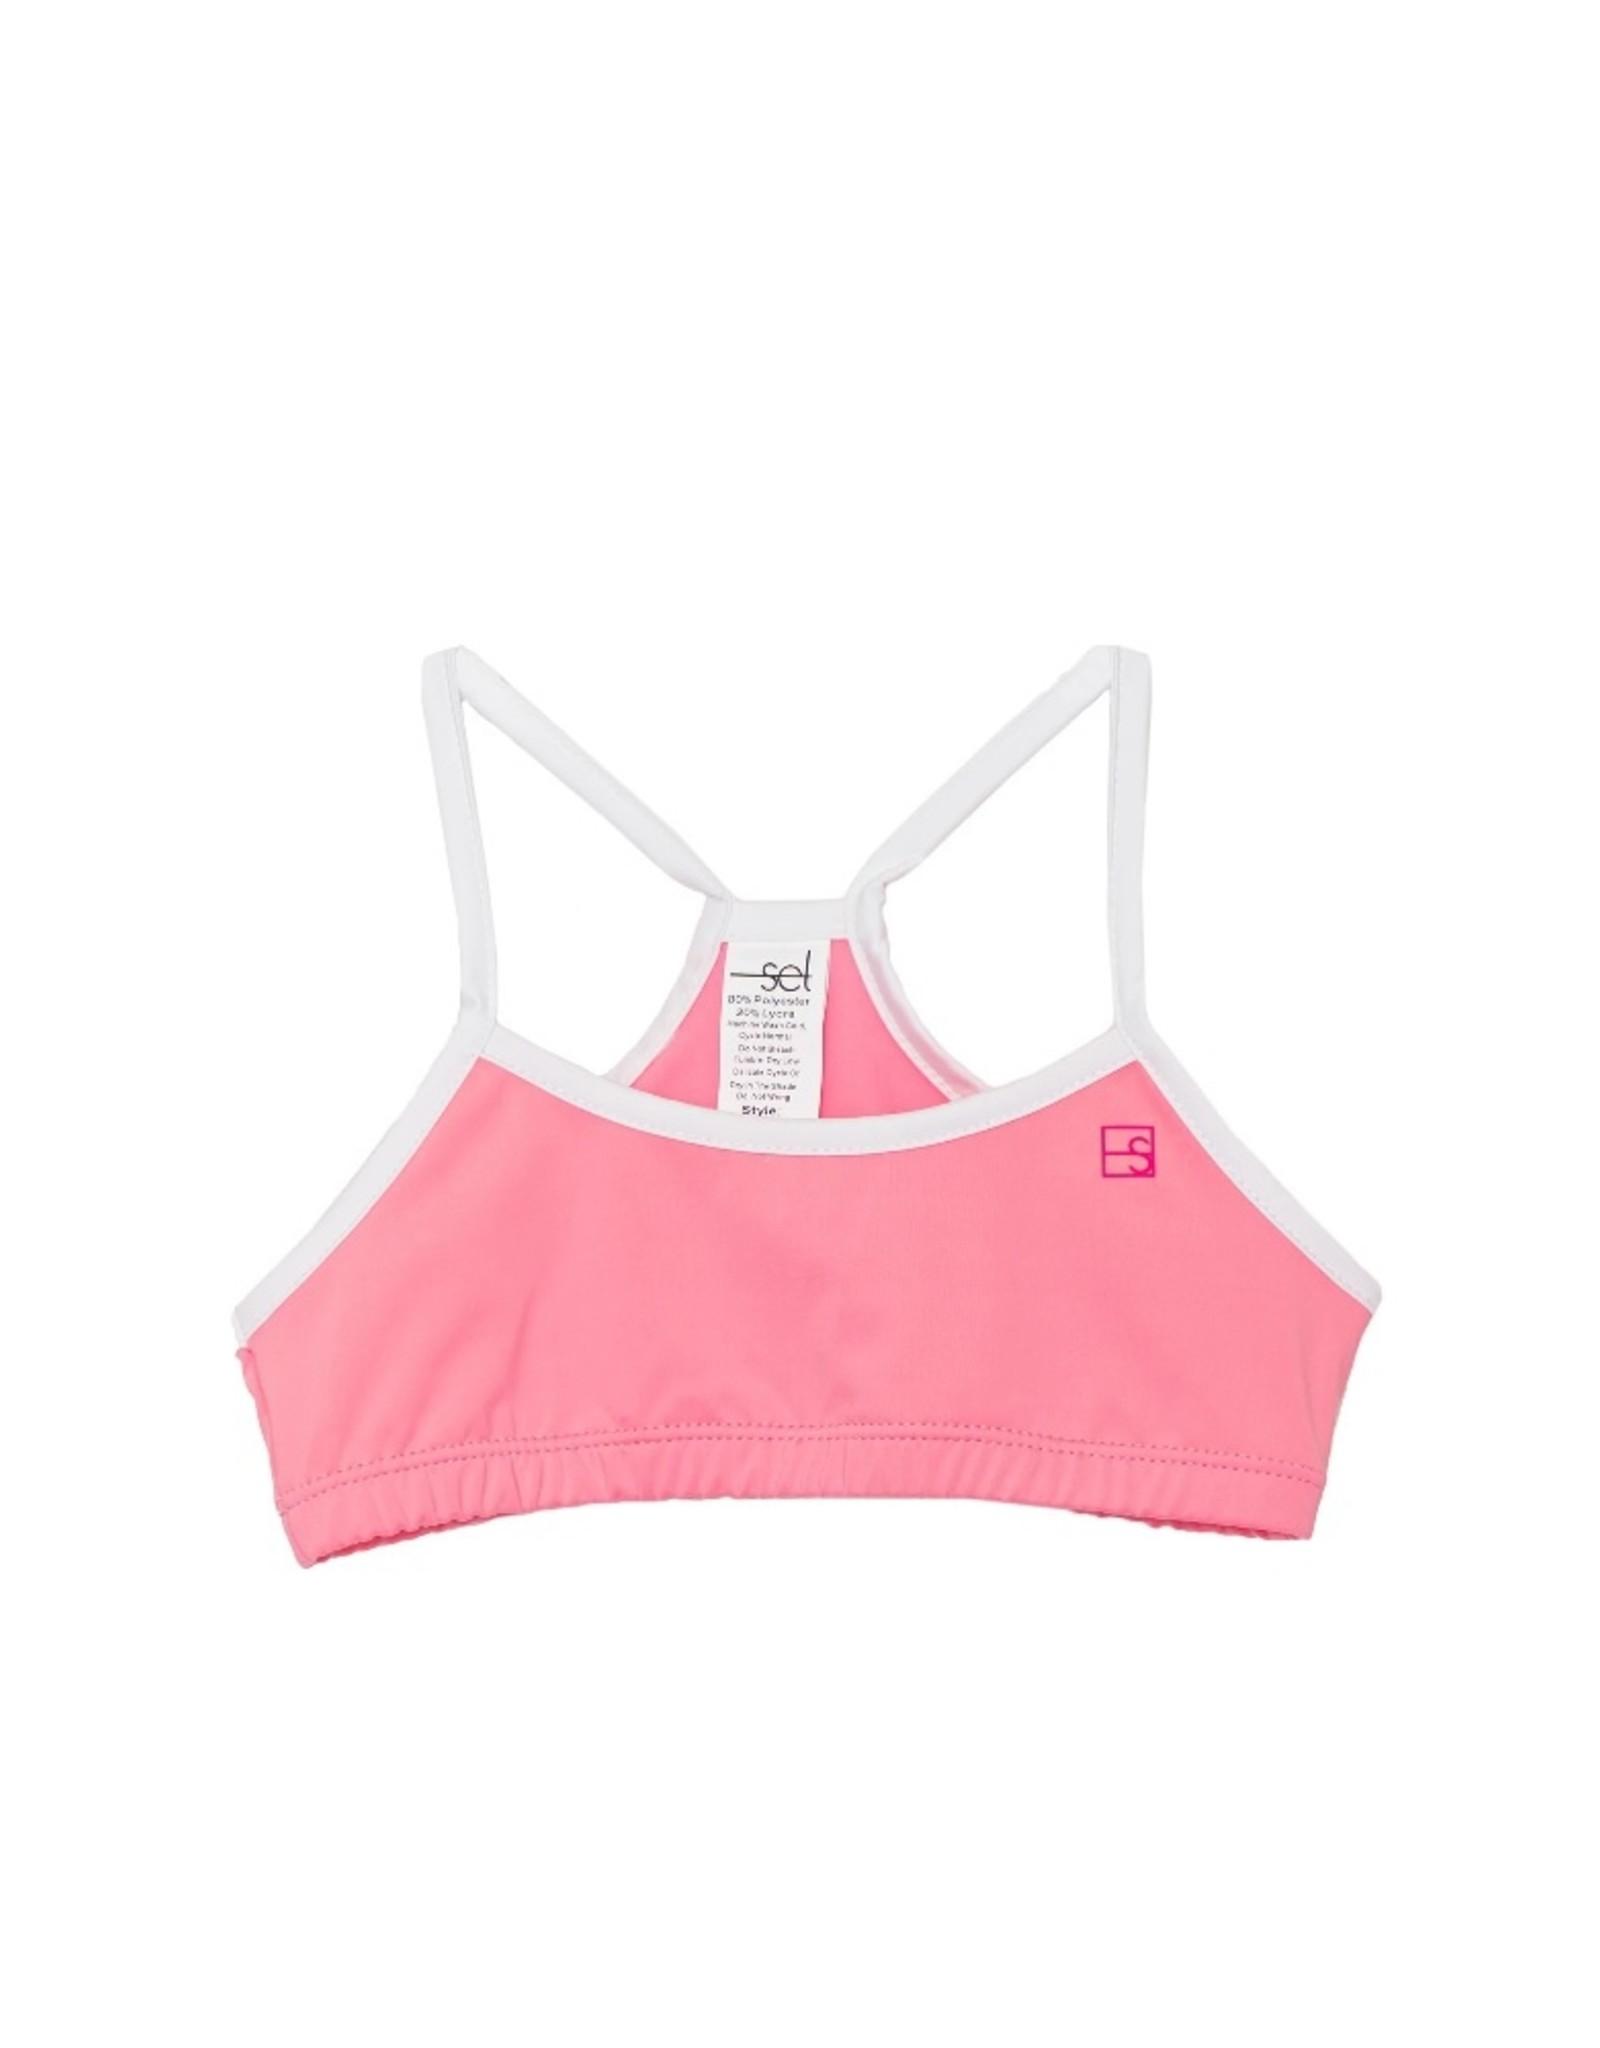 SET Briana Sports Bra - Pink/White